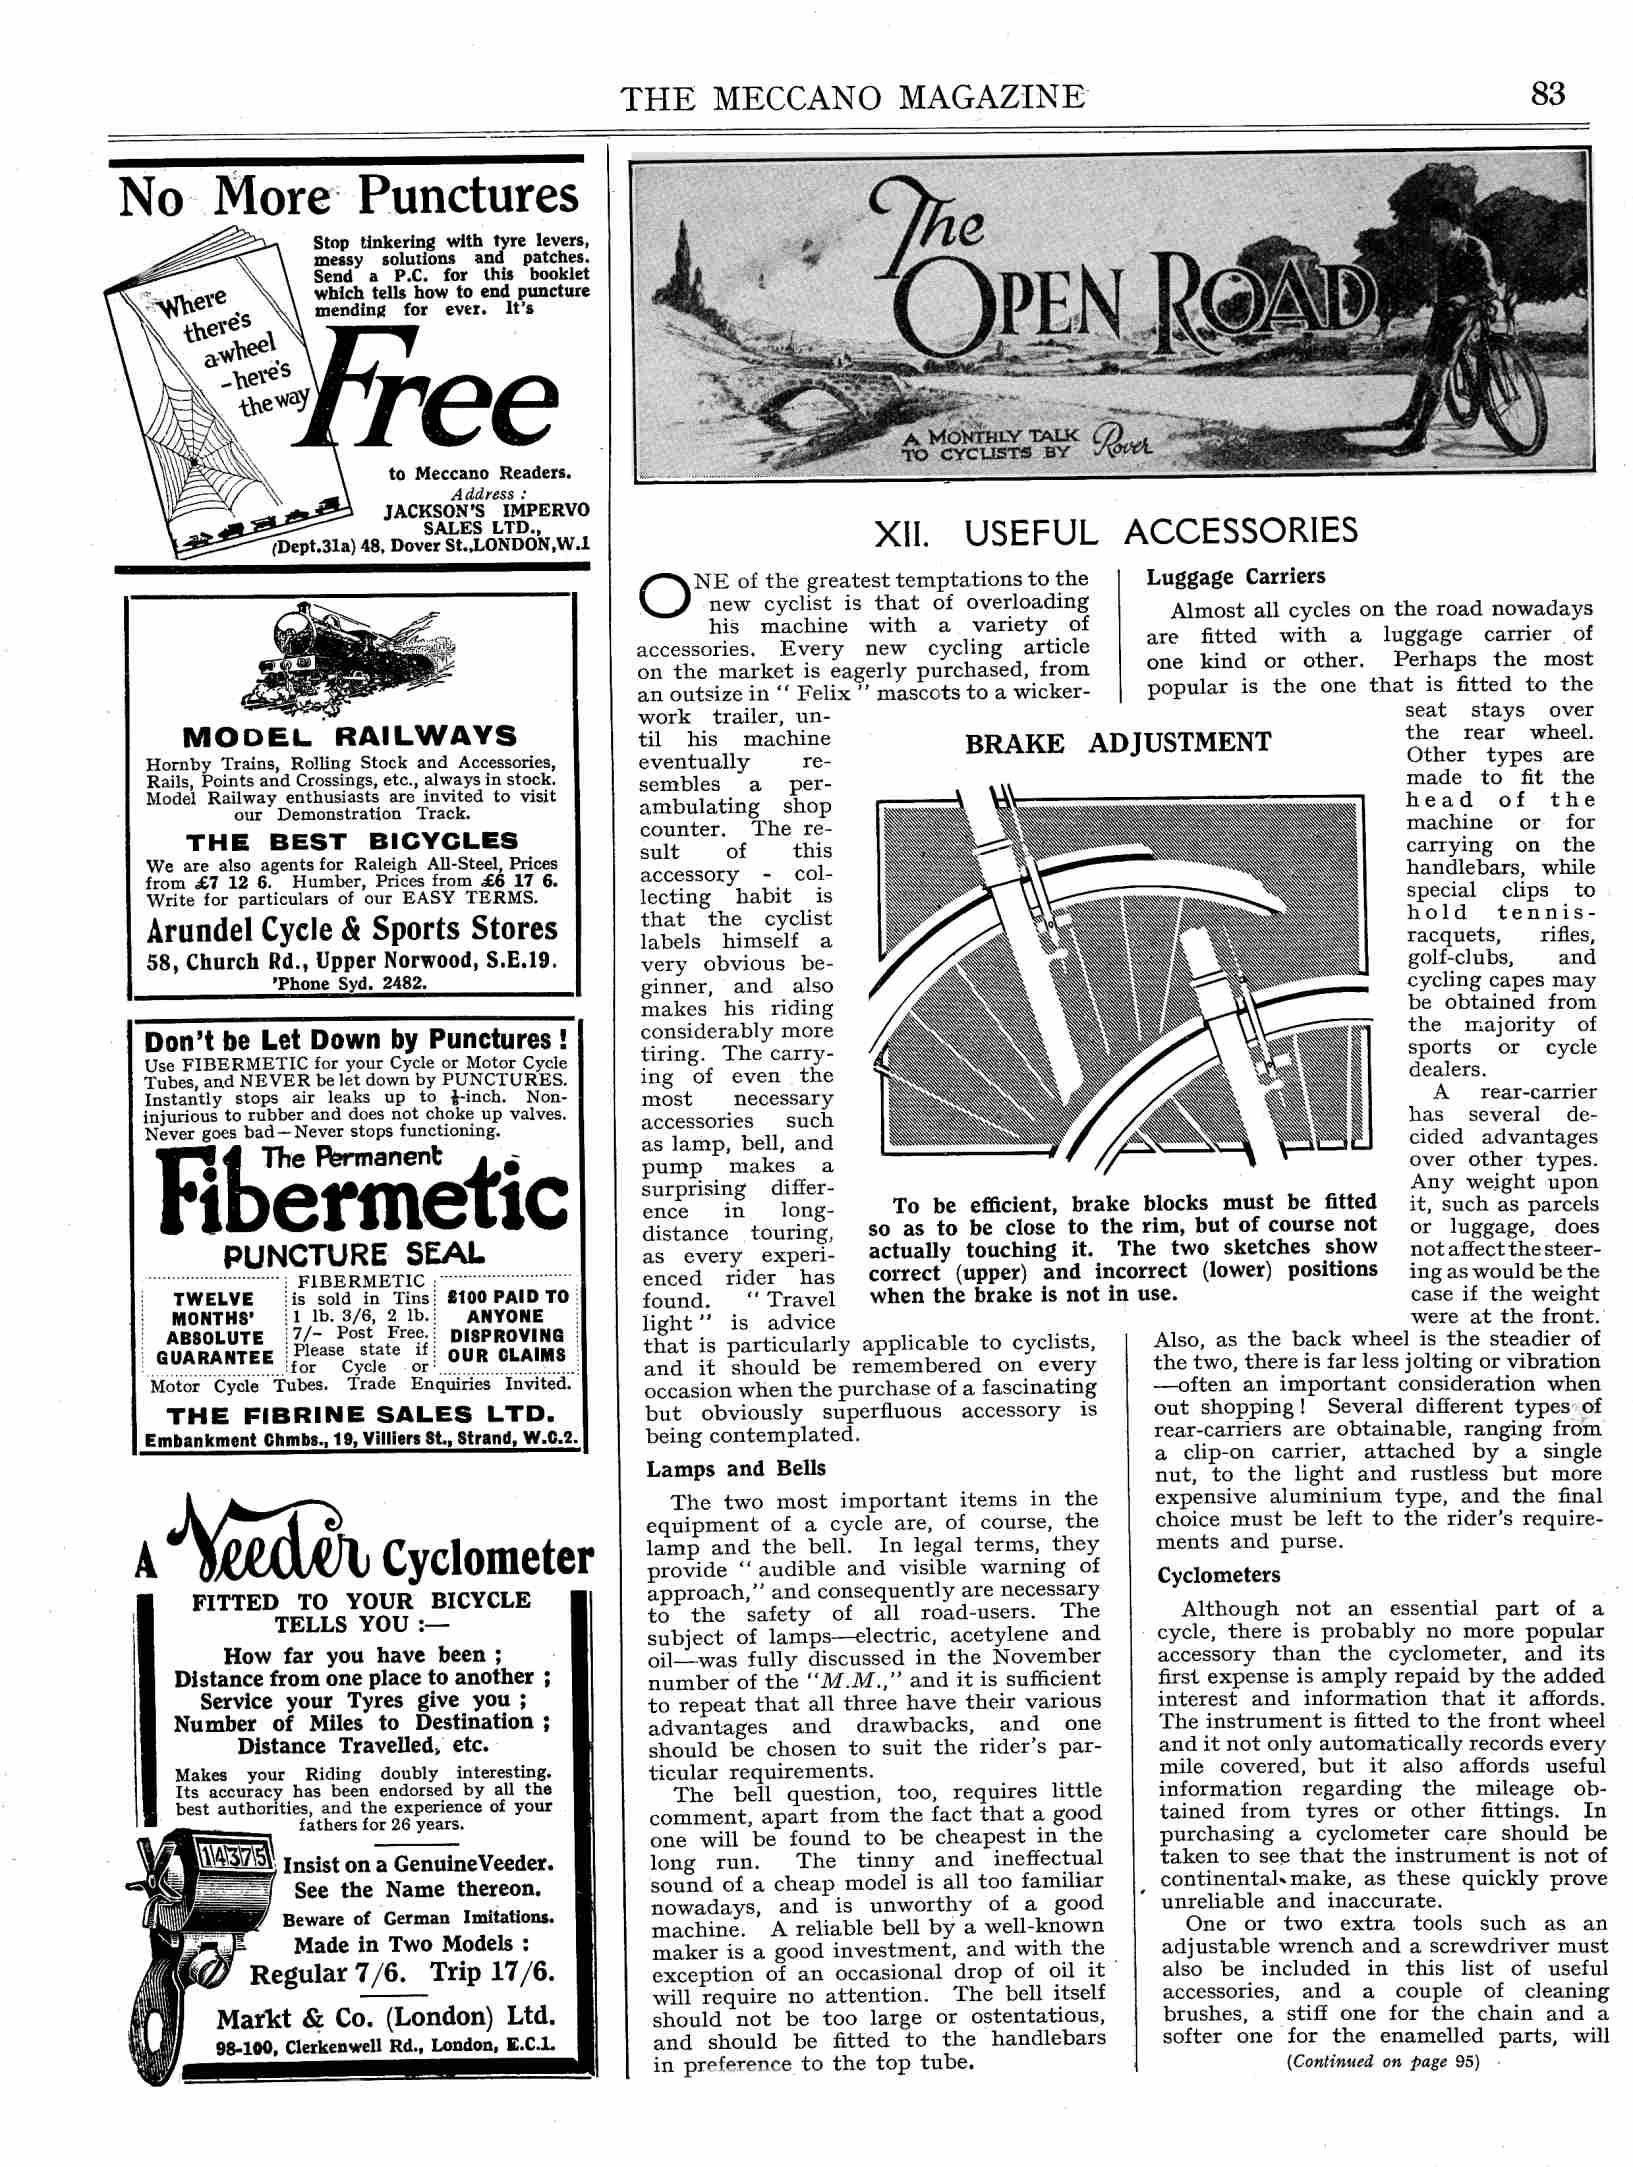 UK Meccano Magazine February 1925 Page 83